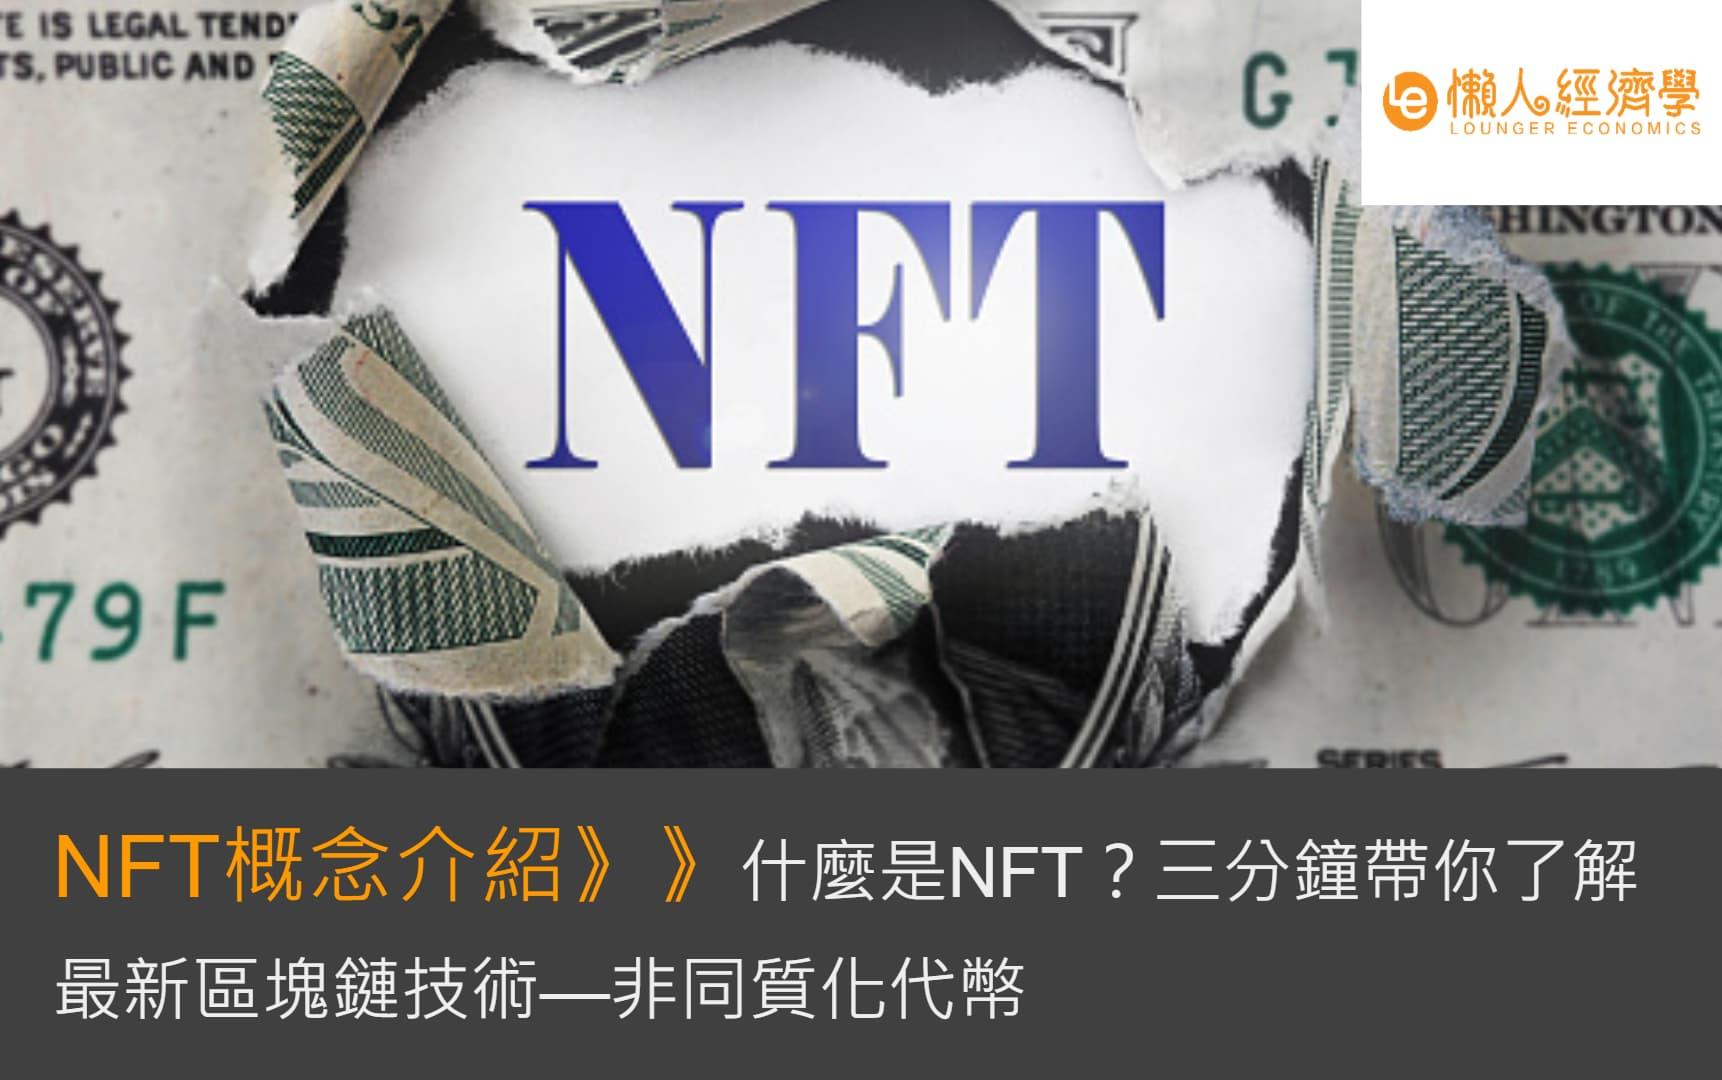 本文將介紹什麼是NFT?三分鐘帶你了解最新區塊鏈技術—非同質化代幣